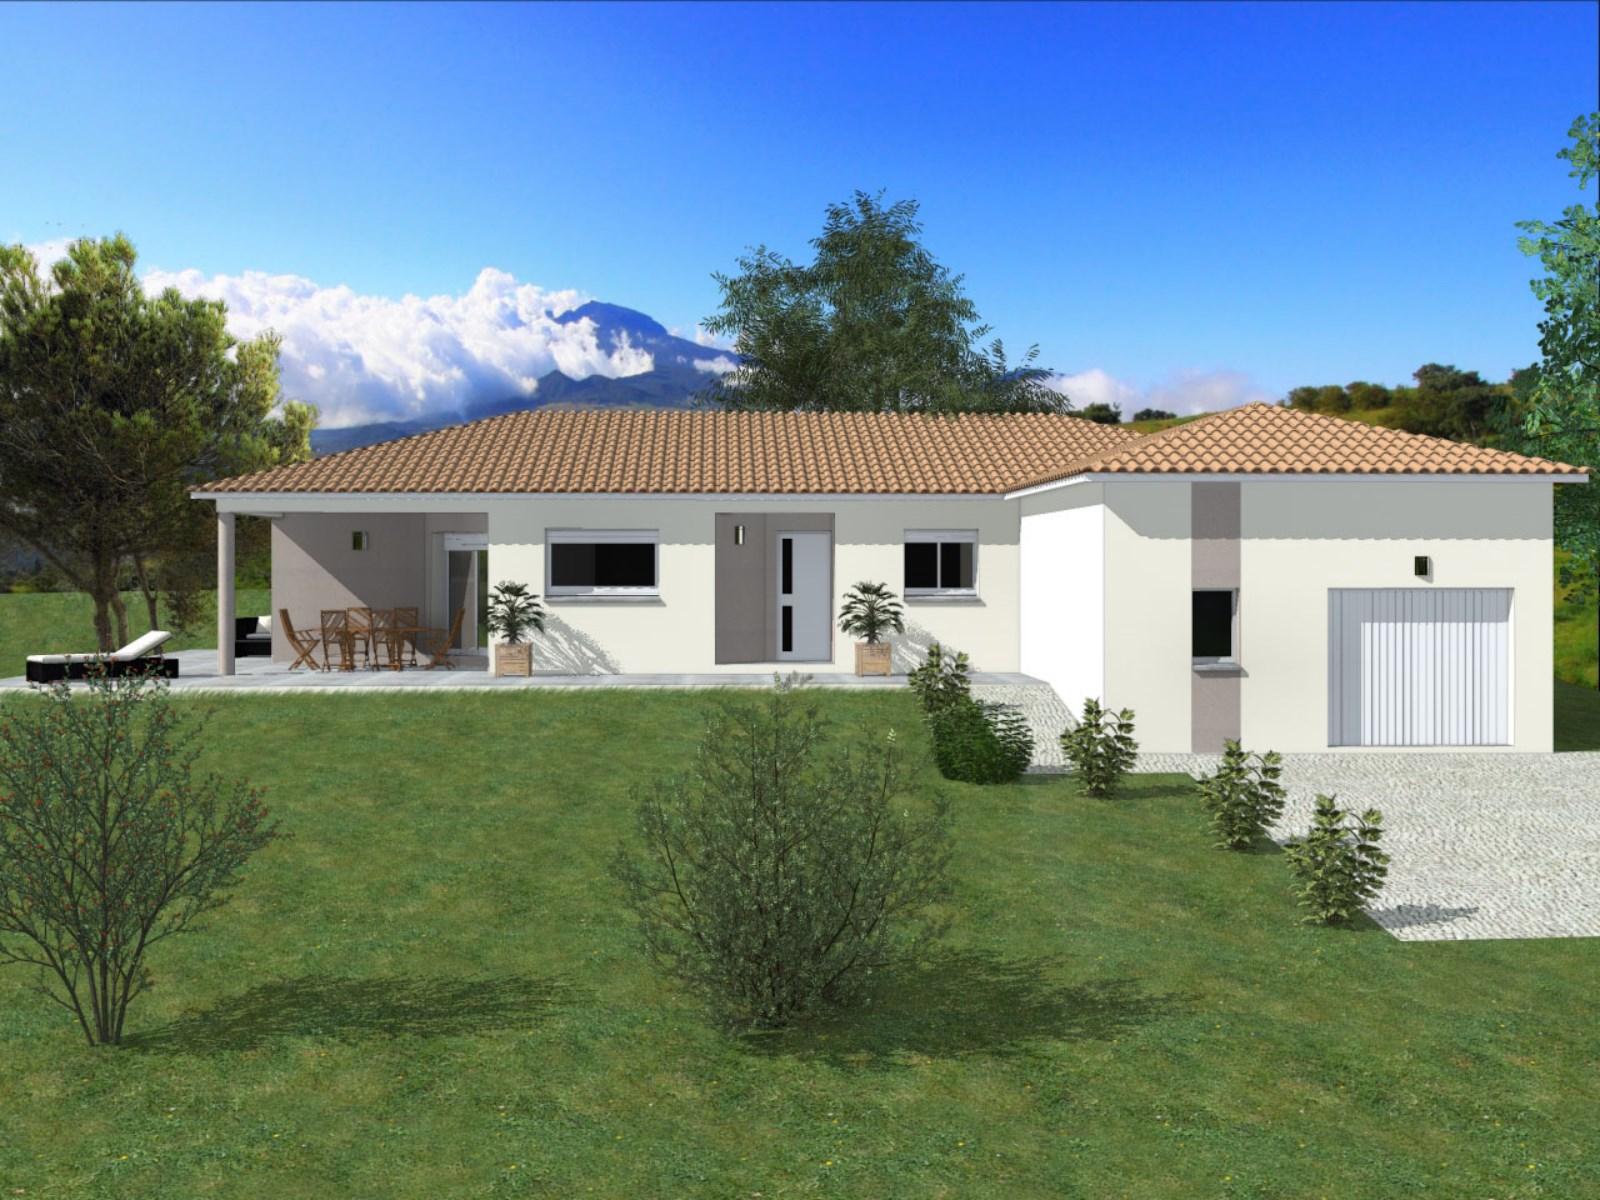 Maisons + Terrains du constructeur TRADIBATI CONSTRUCTIONS • 100 m² • CHATUZANGE LE GOUBET